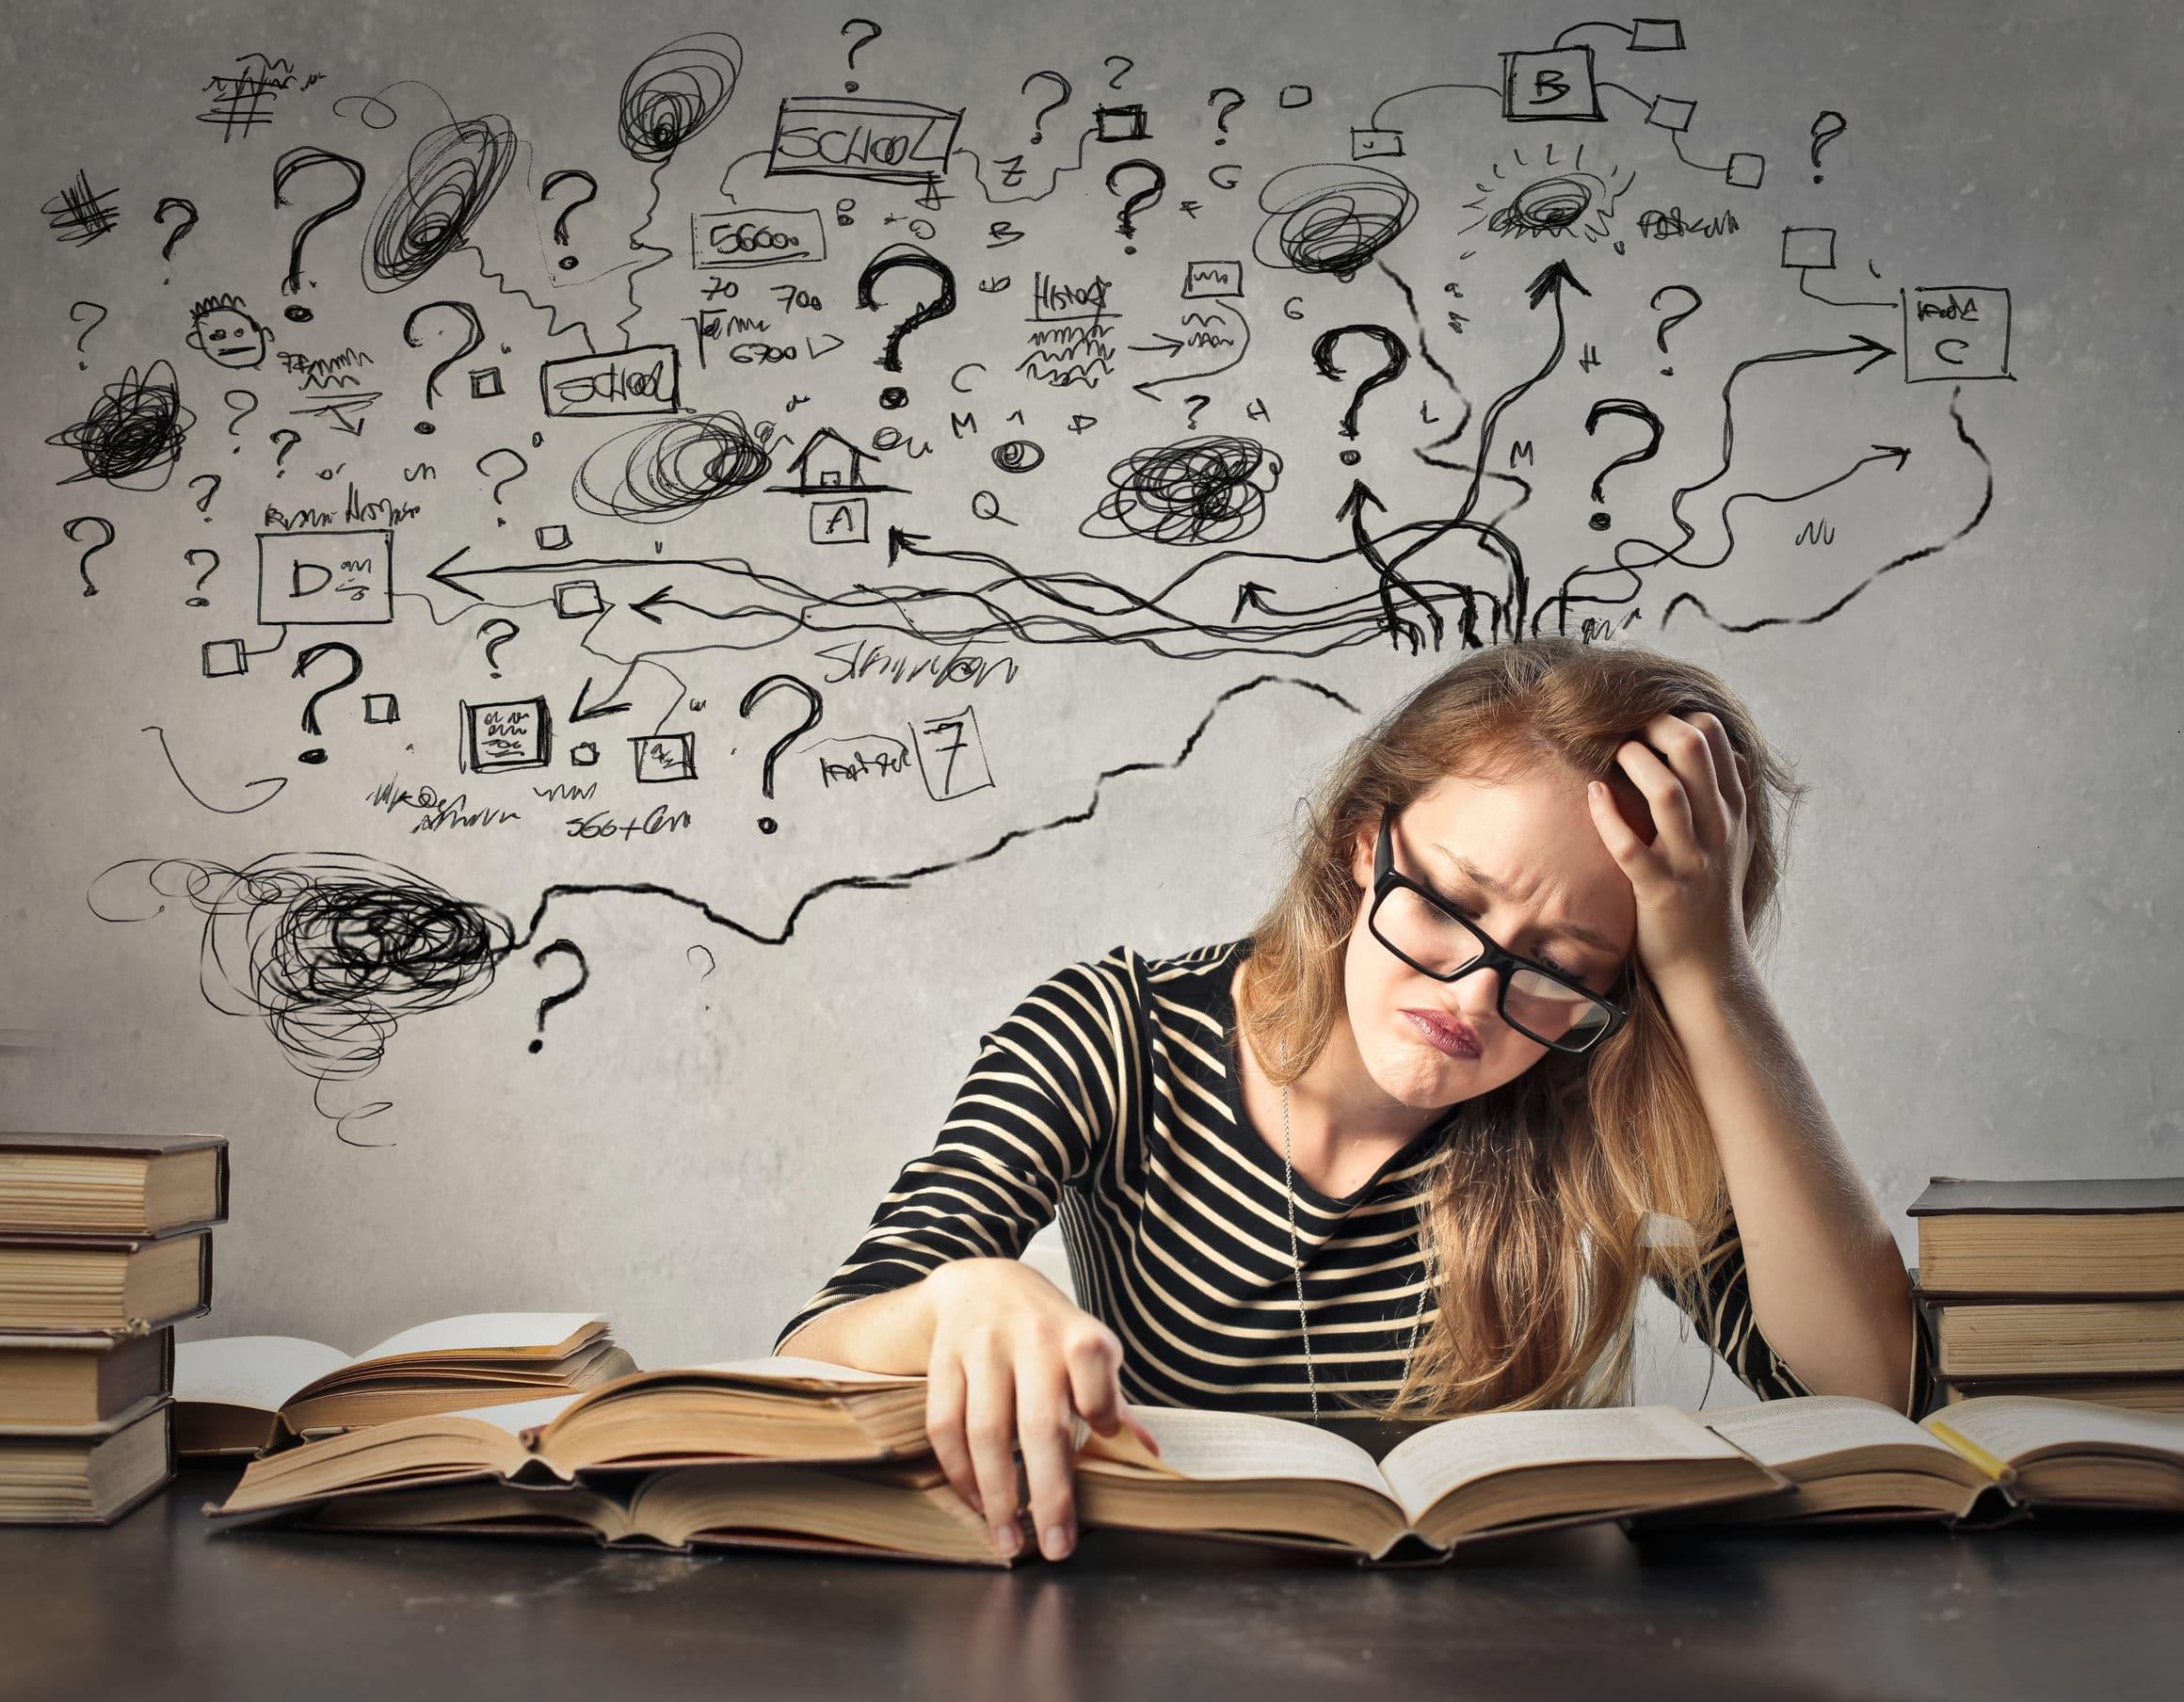 Jovem branca e loira triste e frustrada com livros abertos em cima de uma mesa, com desenhos de símbolos confusos desenhados na parede do fundo.